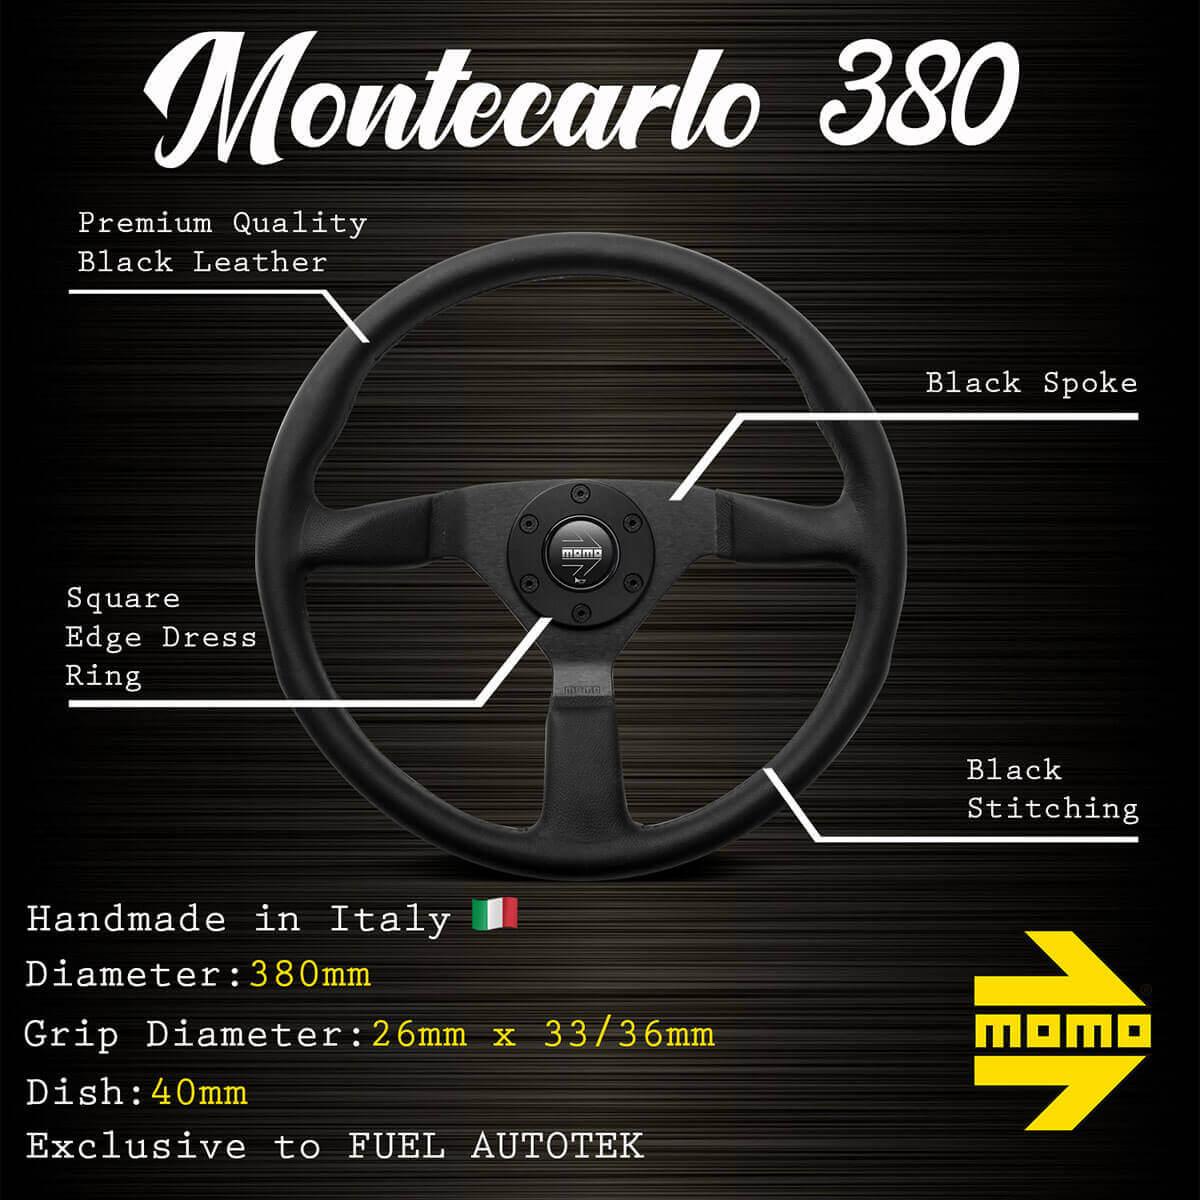 Montecarlo 380 Specs